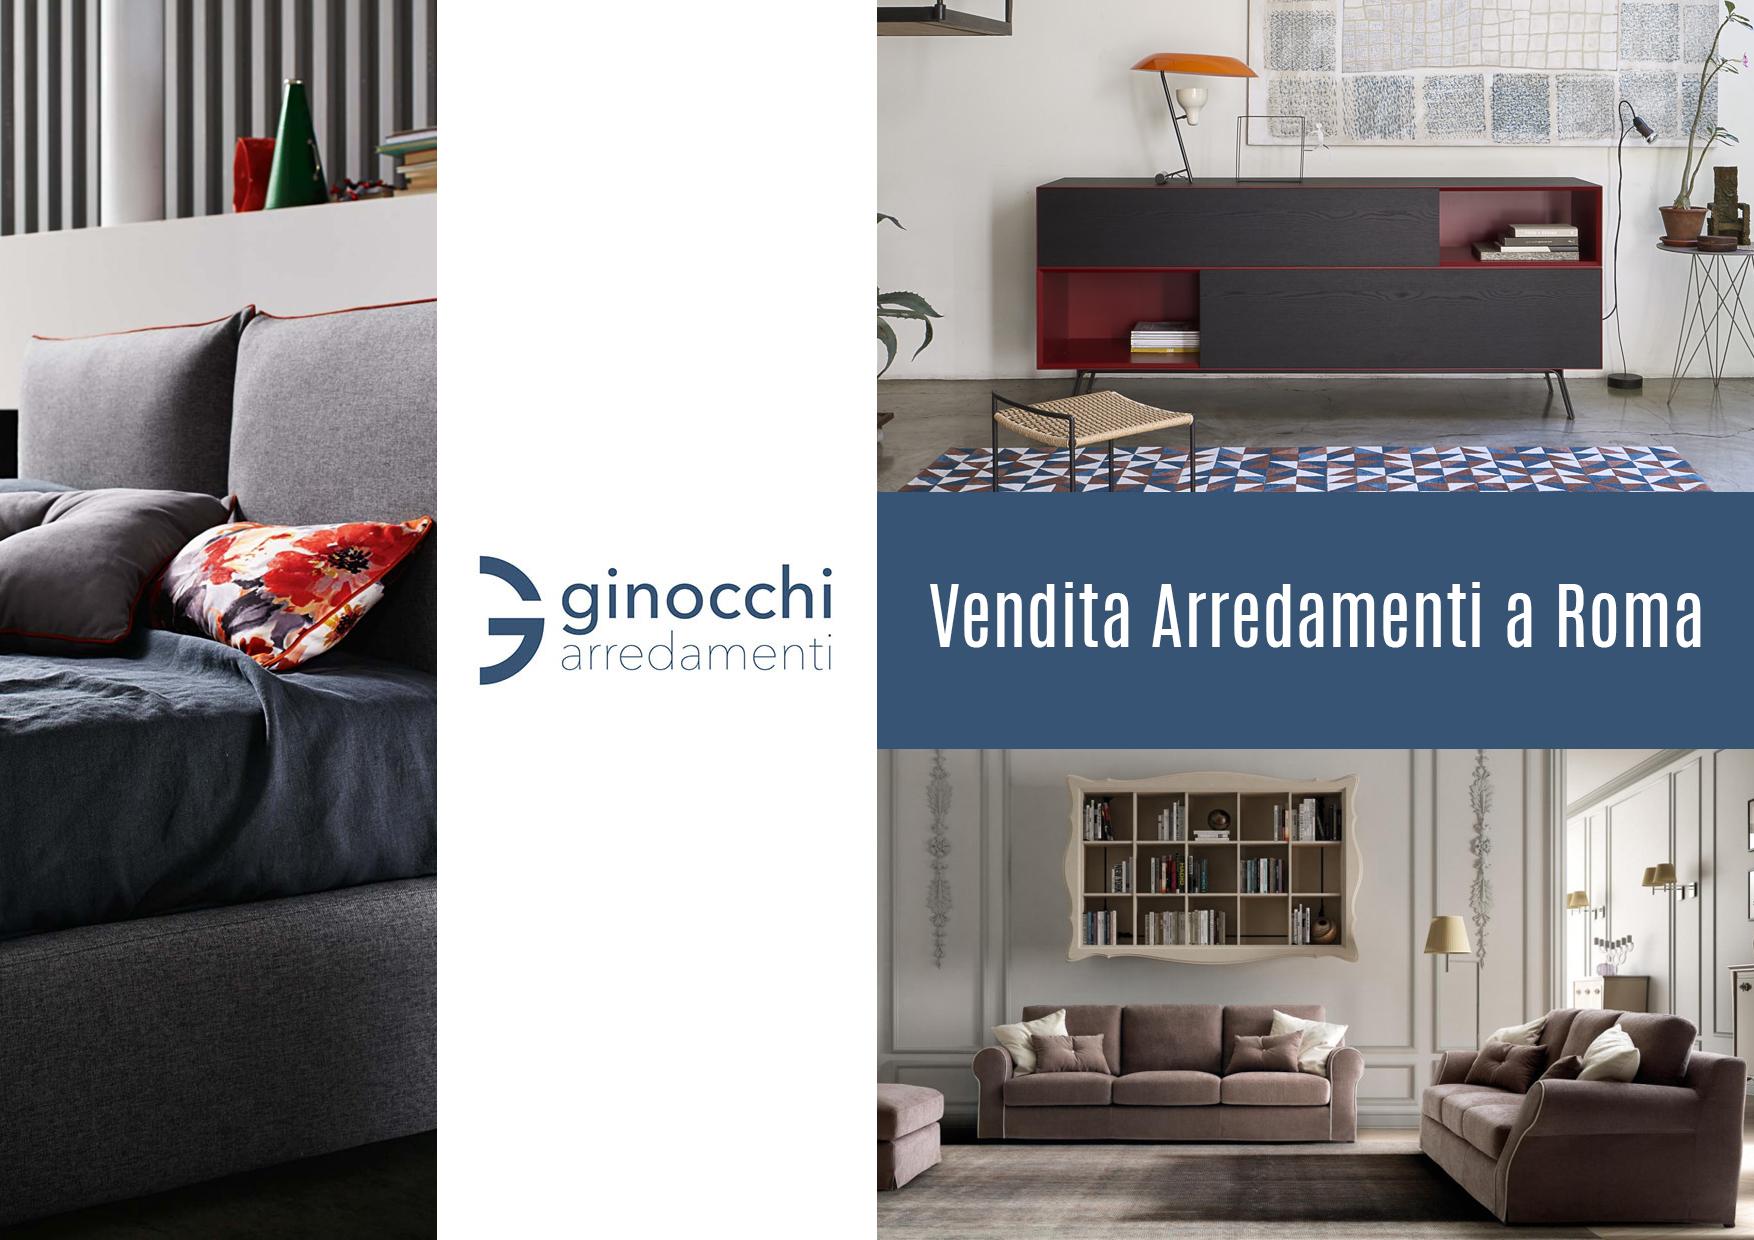 Vendita arredamenti a roma ginocchi arredamenti for Ginocchi arredamenti roma